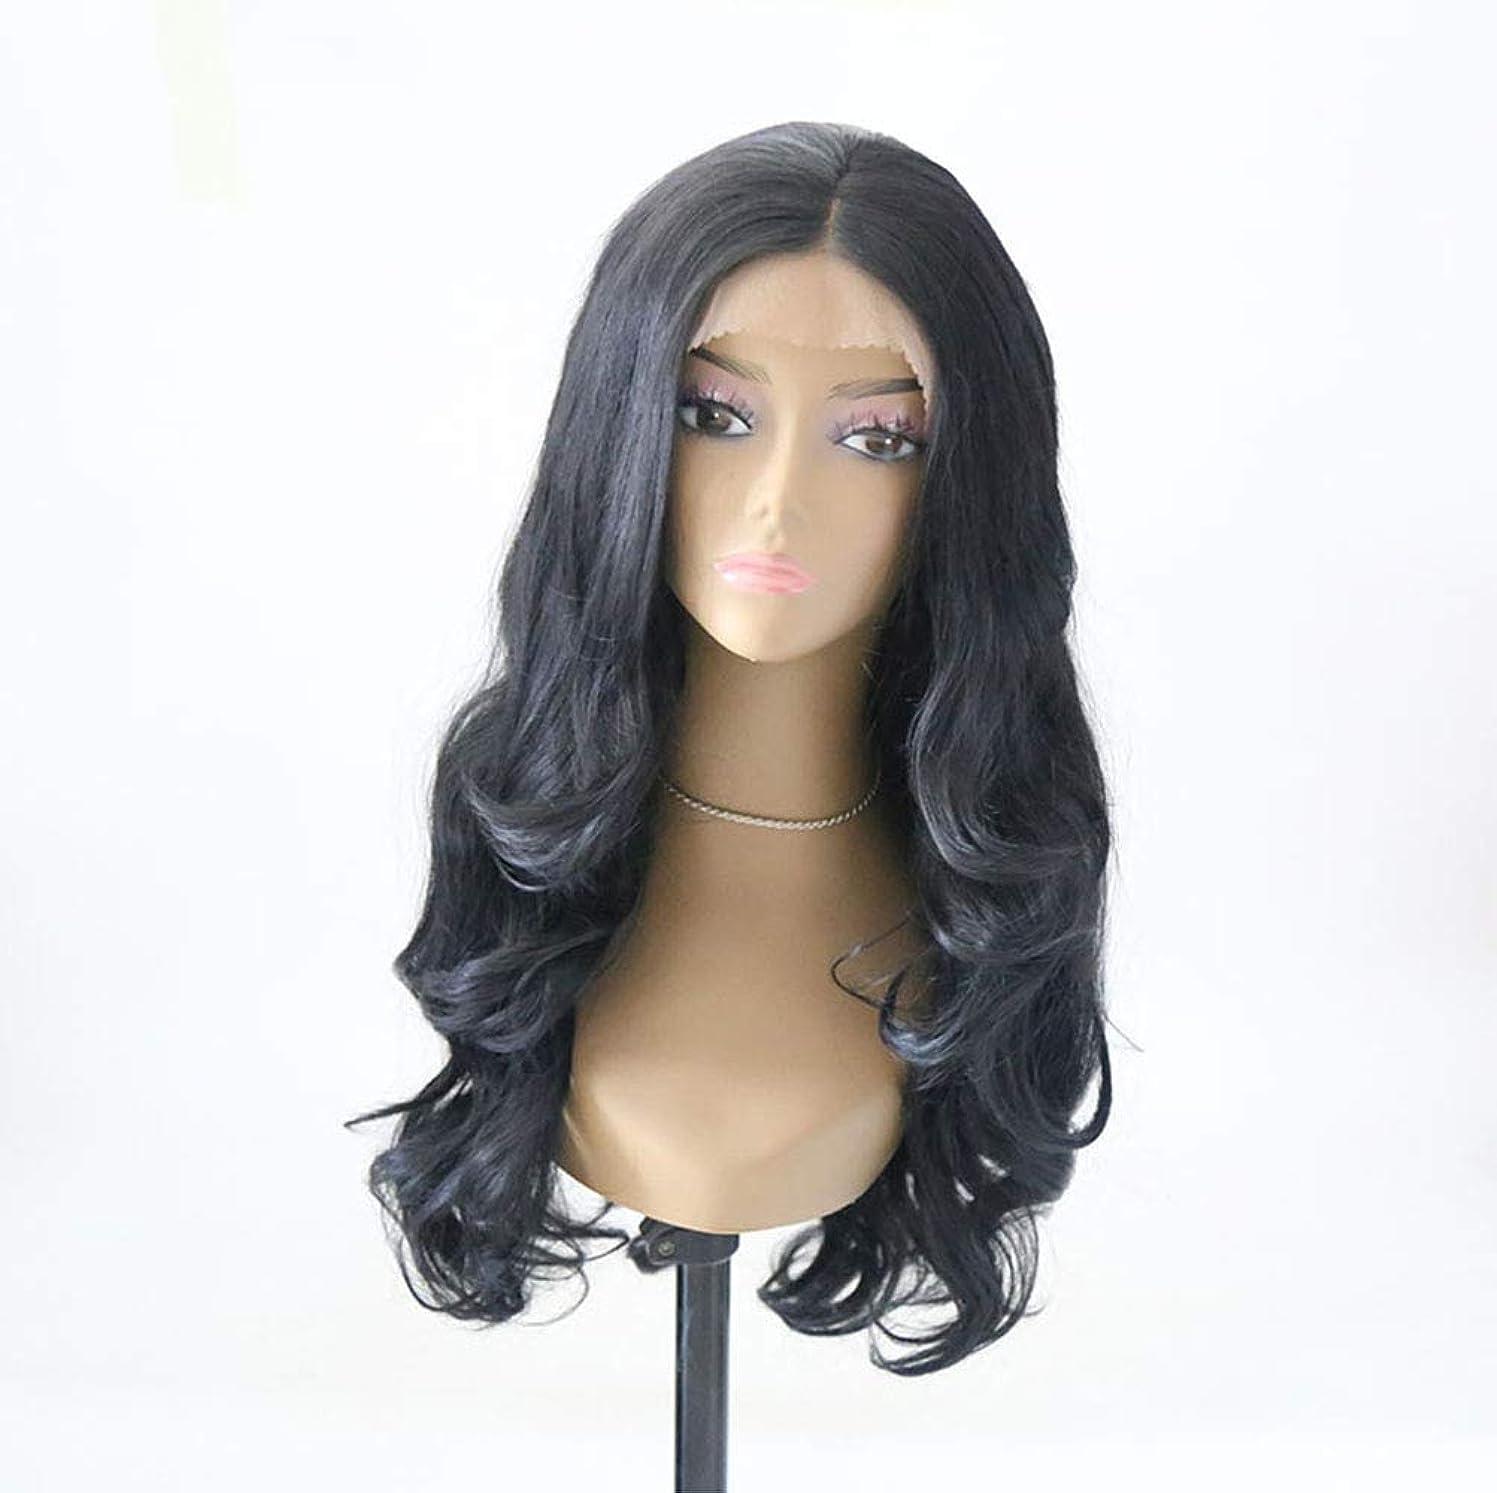 ポルティコアクティブじゃがいも女性フロントレースかつら長い波状巻き毛のかつらファッション合成耐熱繊維かつら